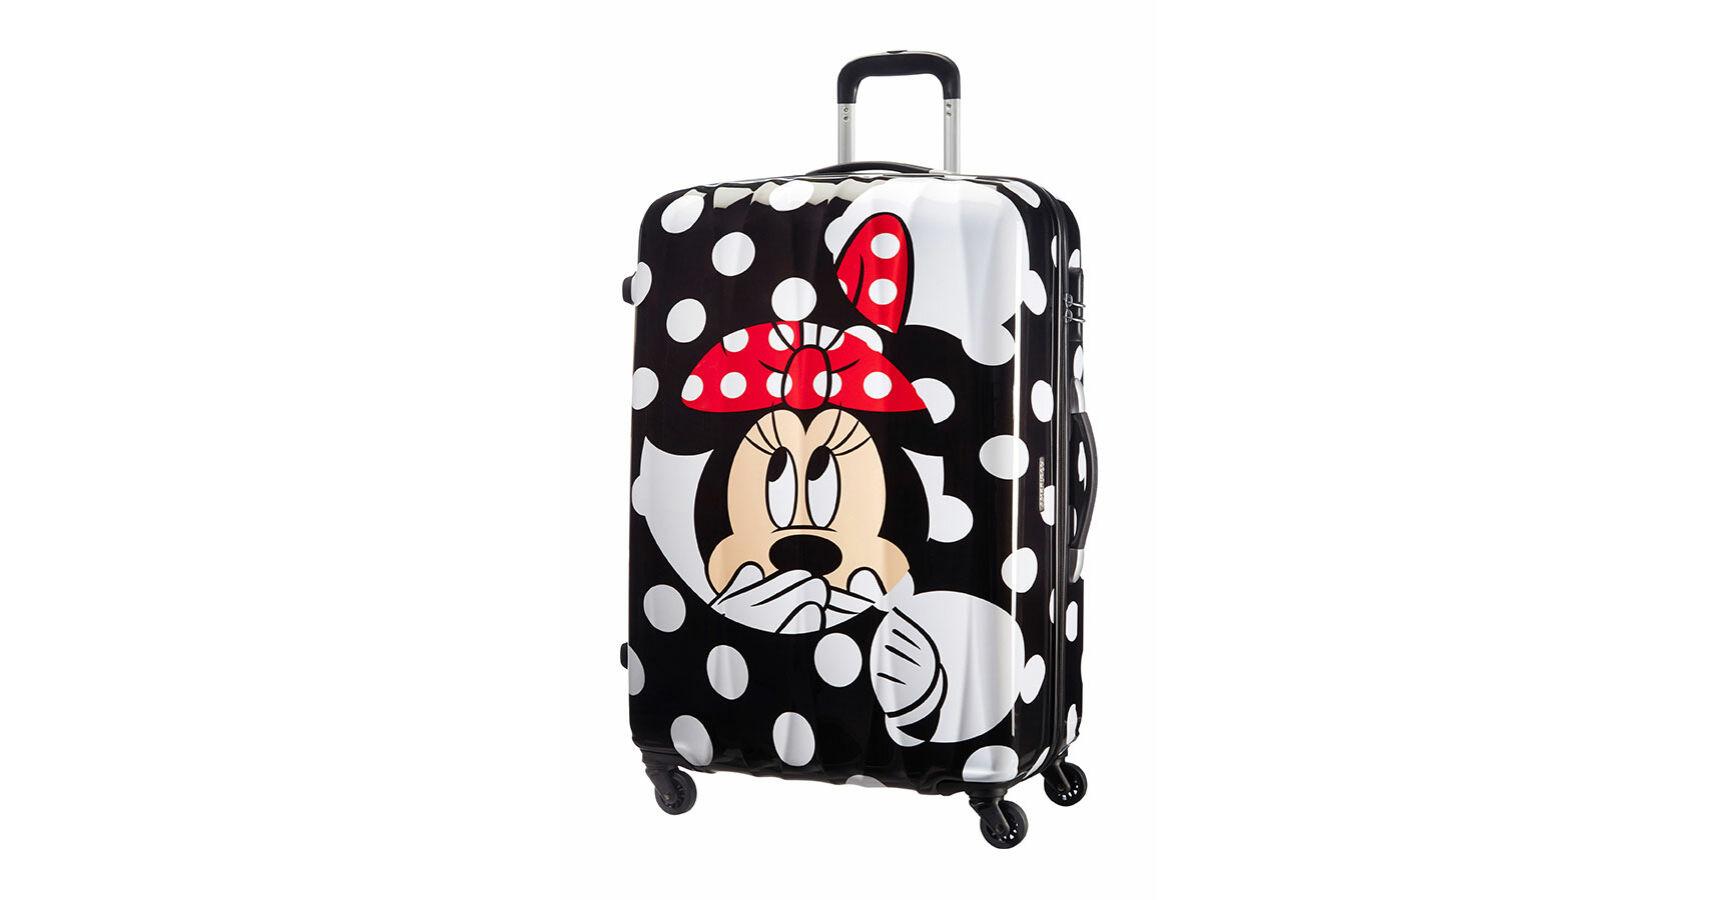 f18ea5808a69 American Tourister Disney Legends Minnie Spinner bőrönd 75 cm-es - Disney  Legends - Etáska - minőségi táska webáruház hatalmas választékkal